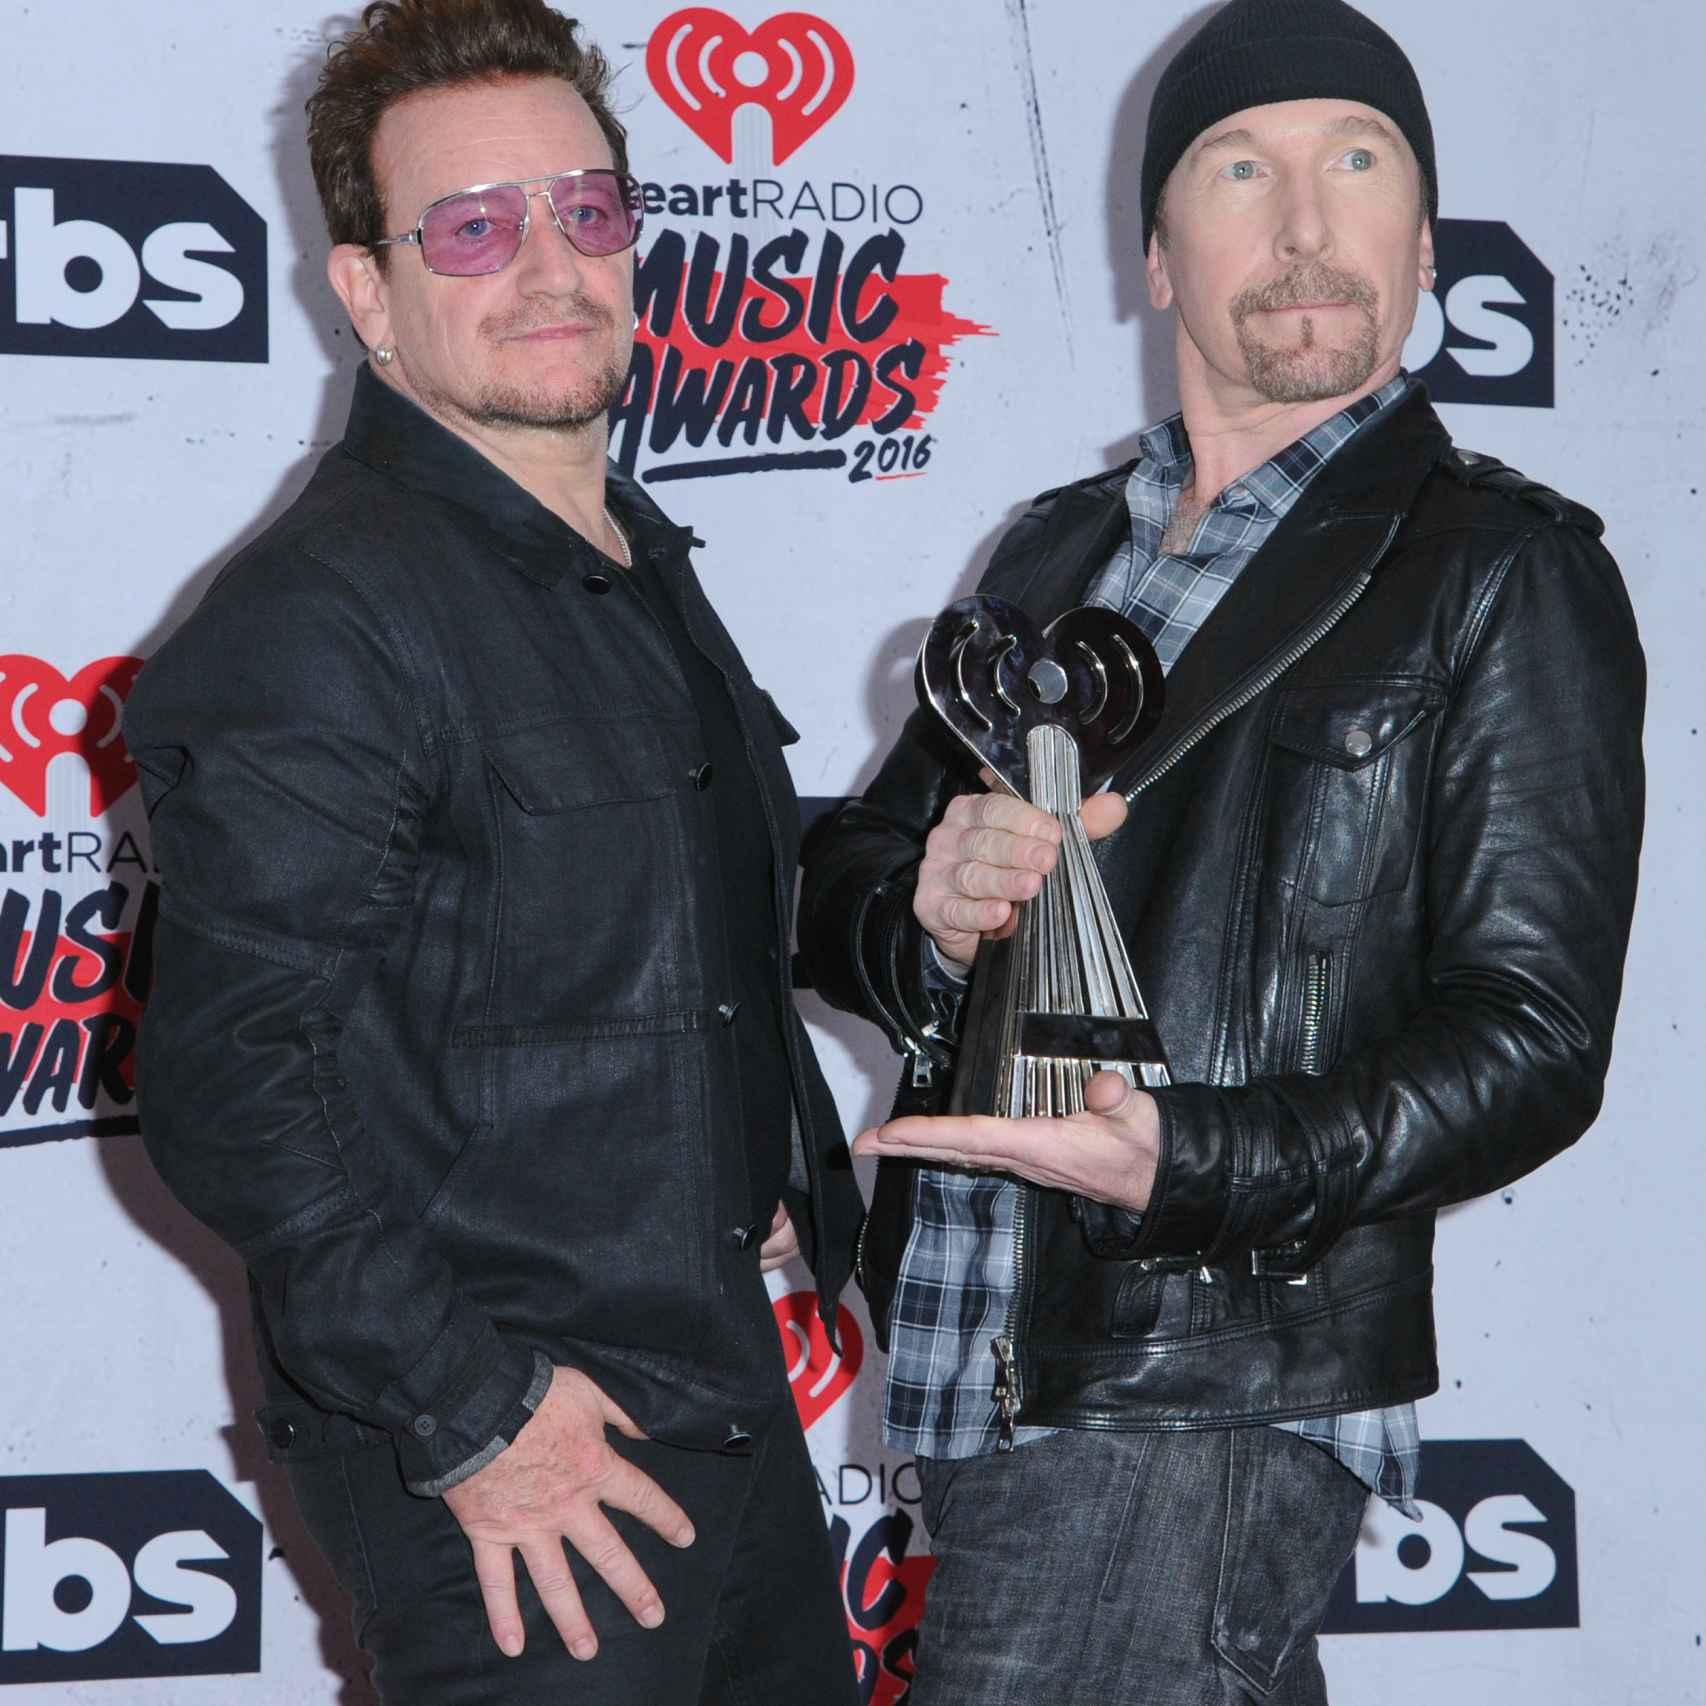 El cantante Bono y The Edge de U2 en los Premios iHeart Radio